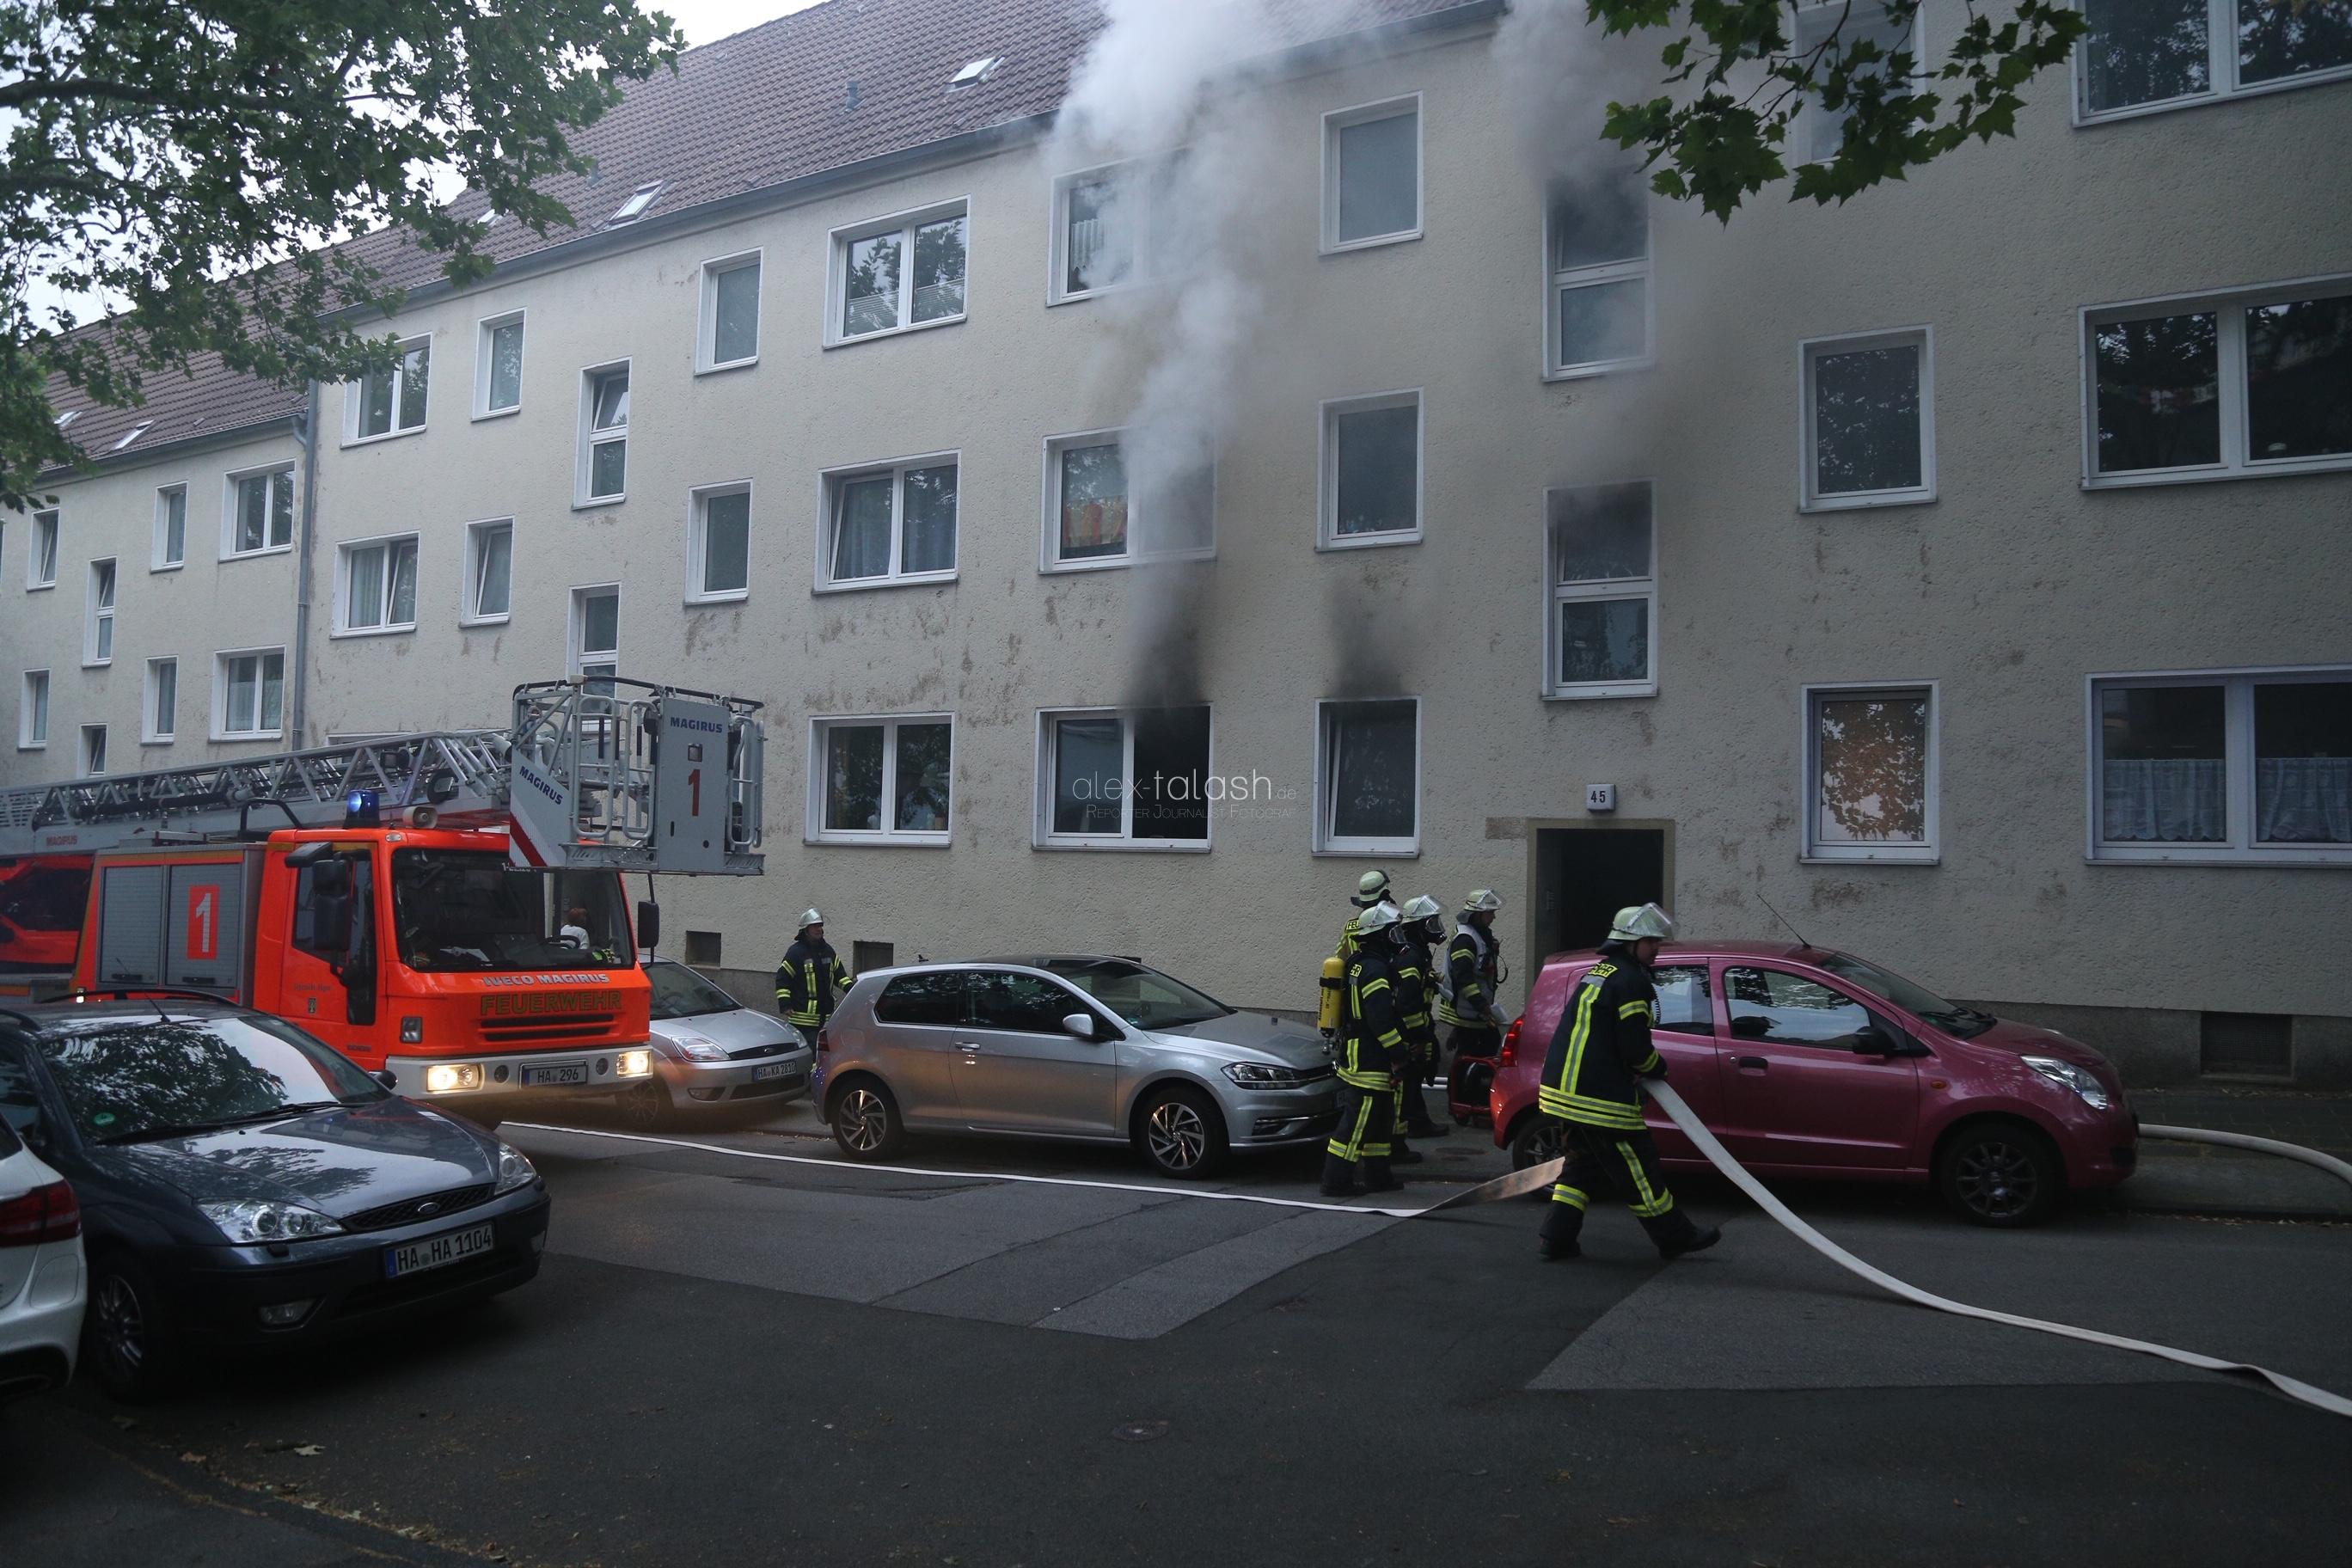 Feuer in Mehrfamilienhaus in Hagen: Frau wird verletzt